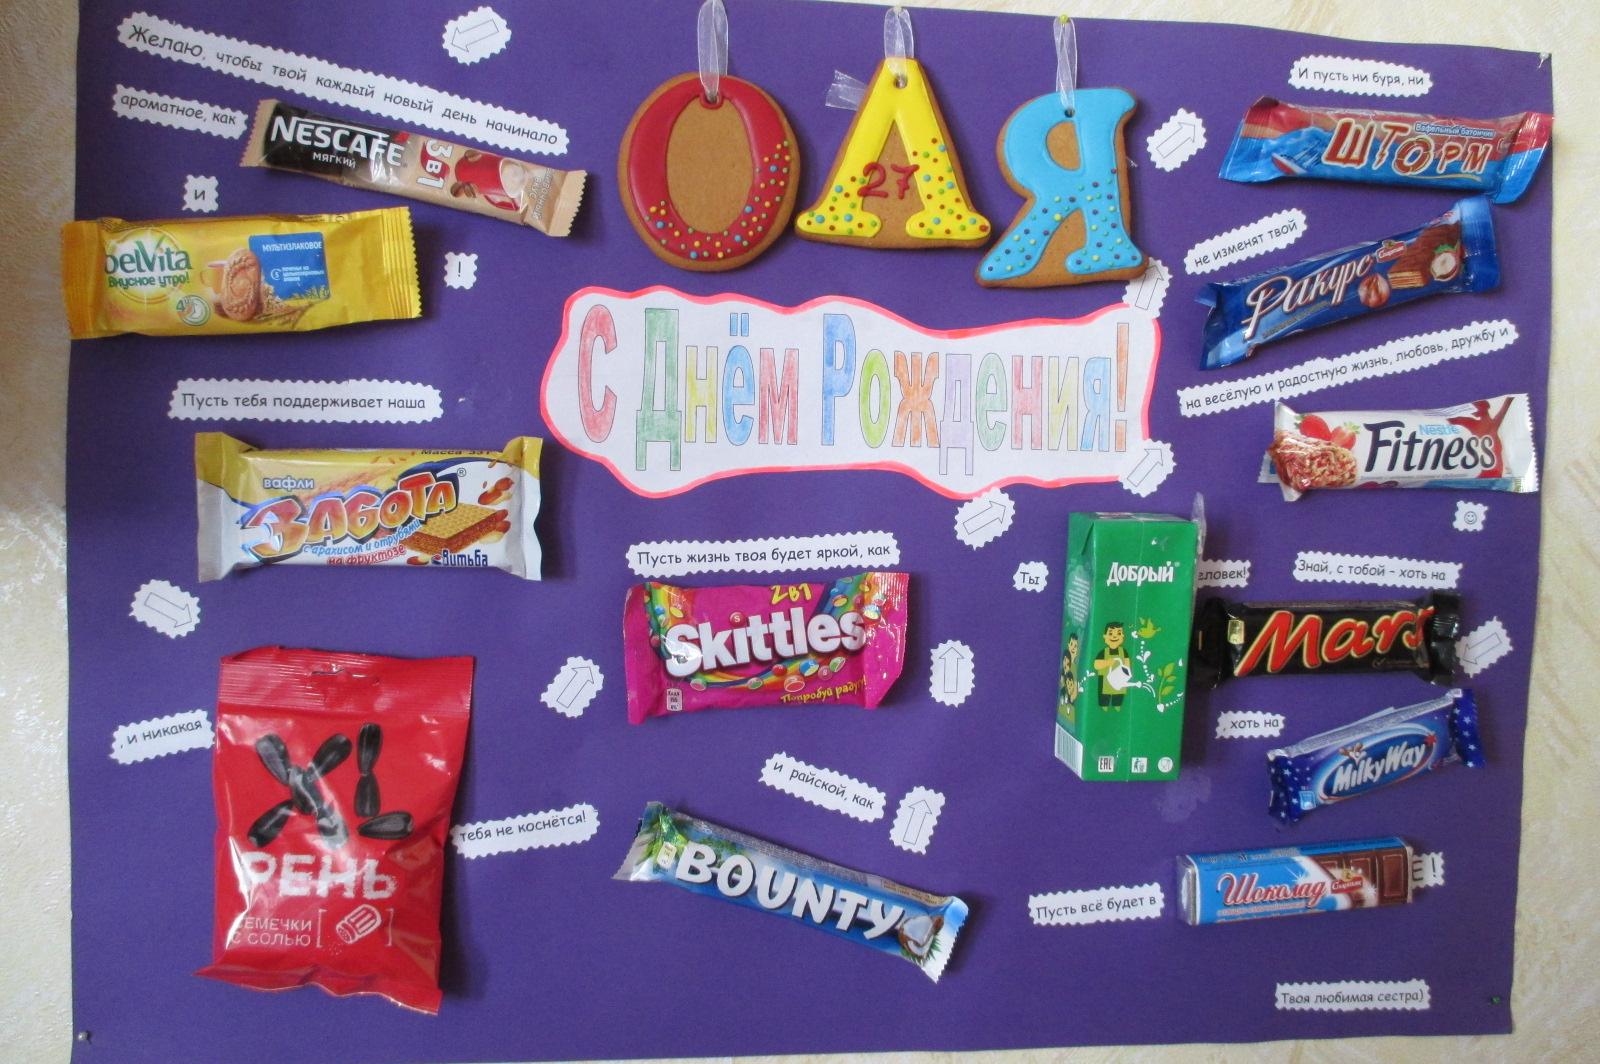 Открытка с шоколадками на день рождения, выходом работу отпуска